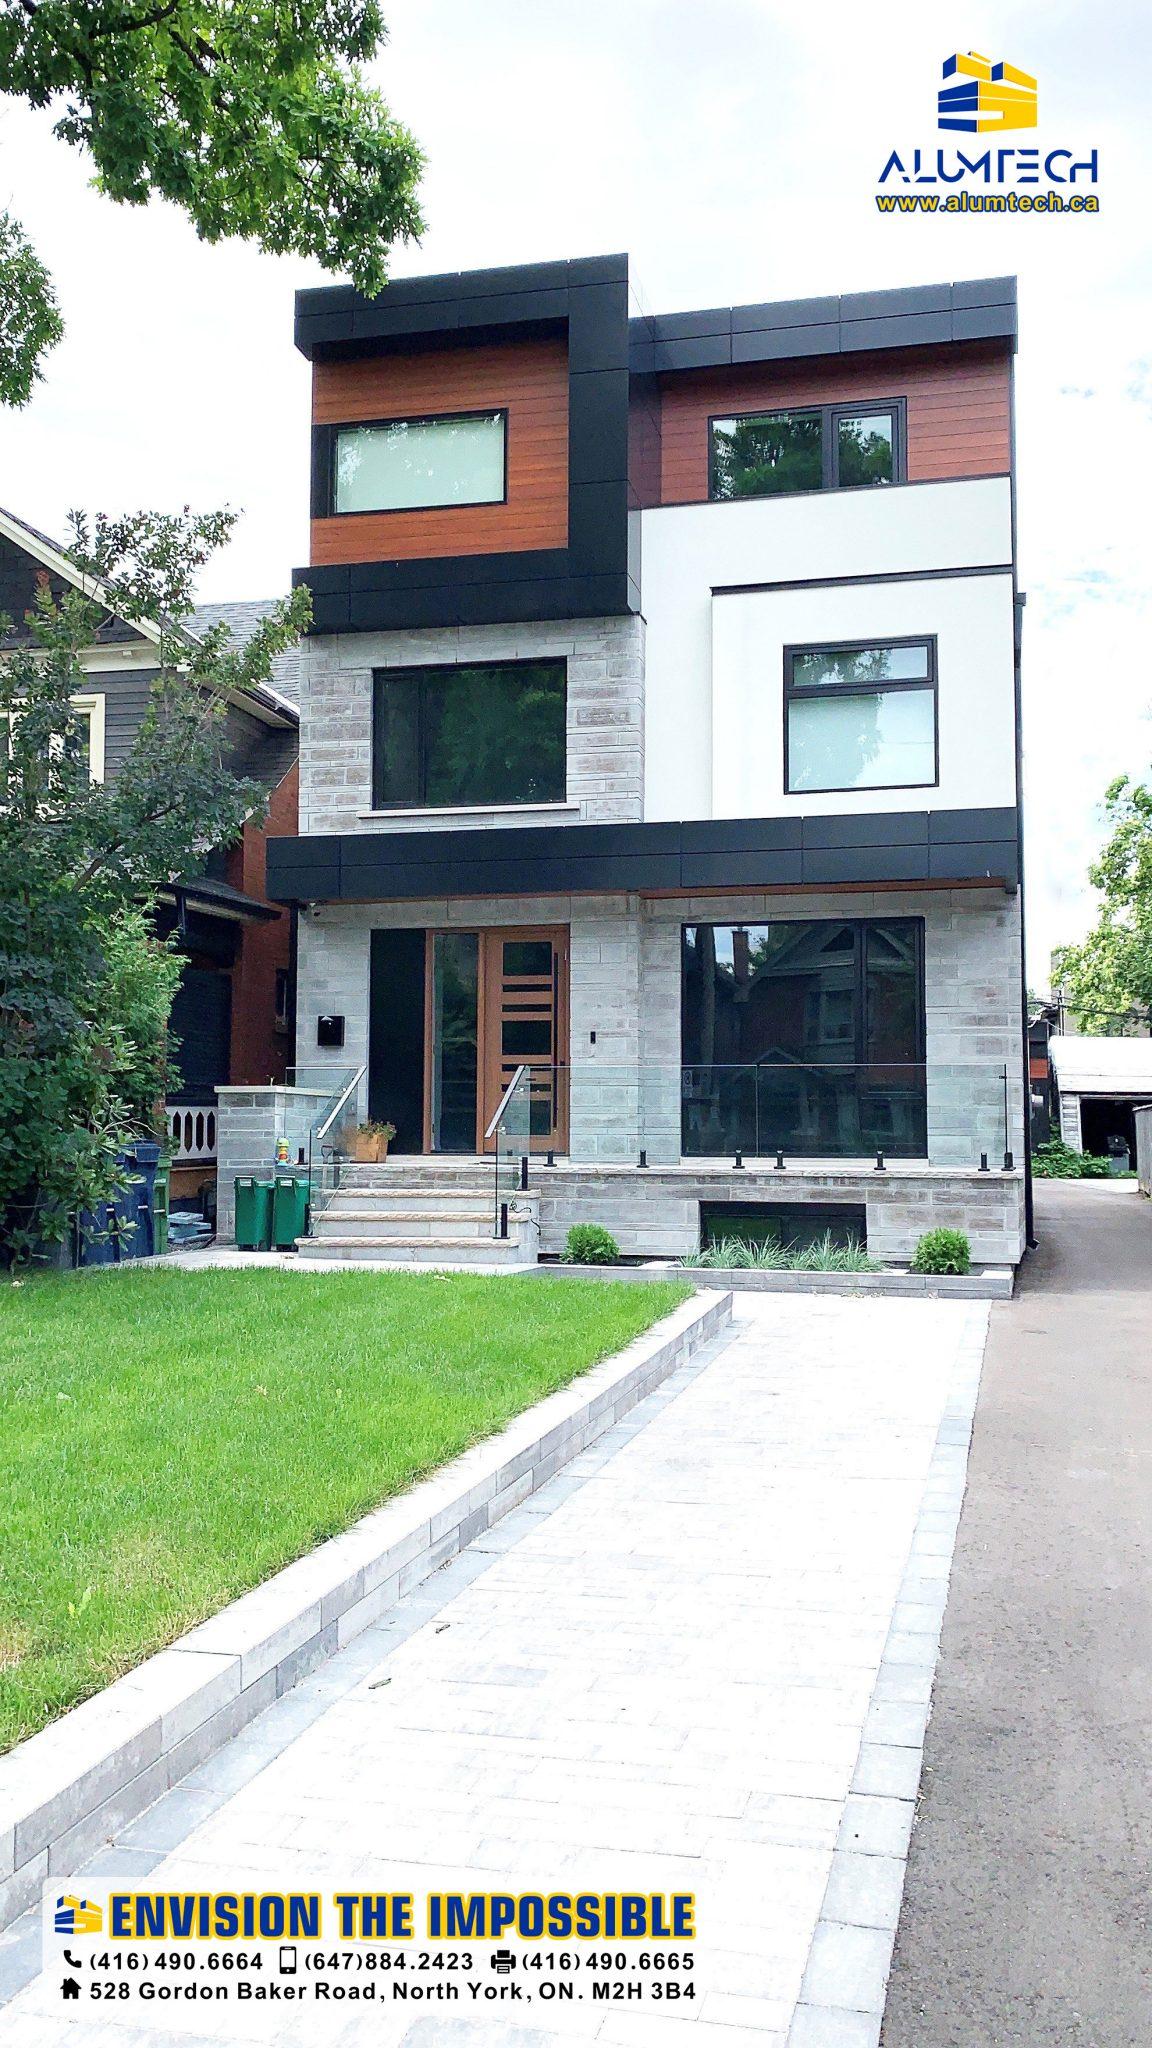 222 Wychwood Ave, 2, acm panels, aluminum composite panel